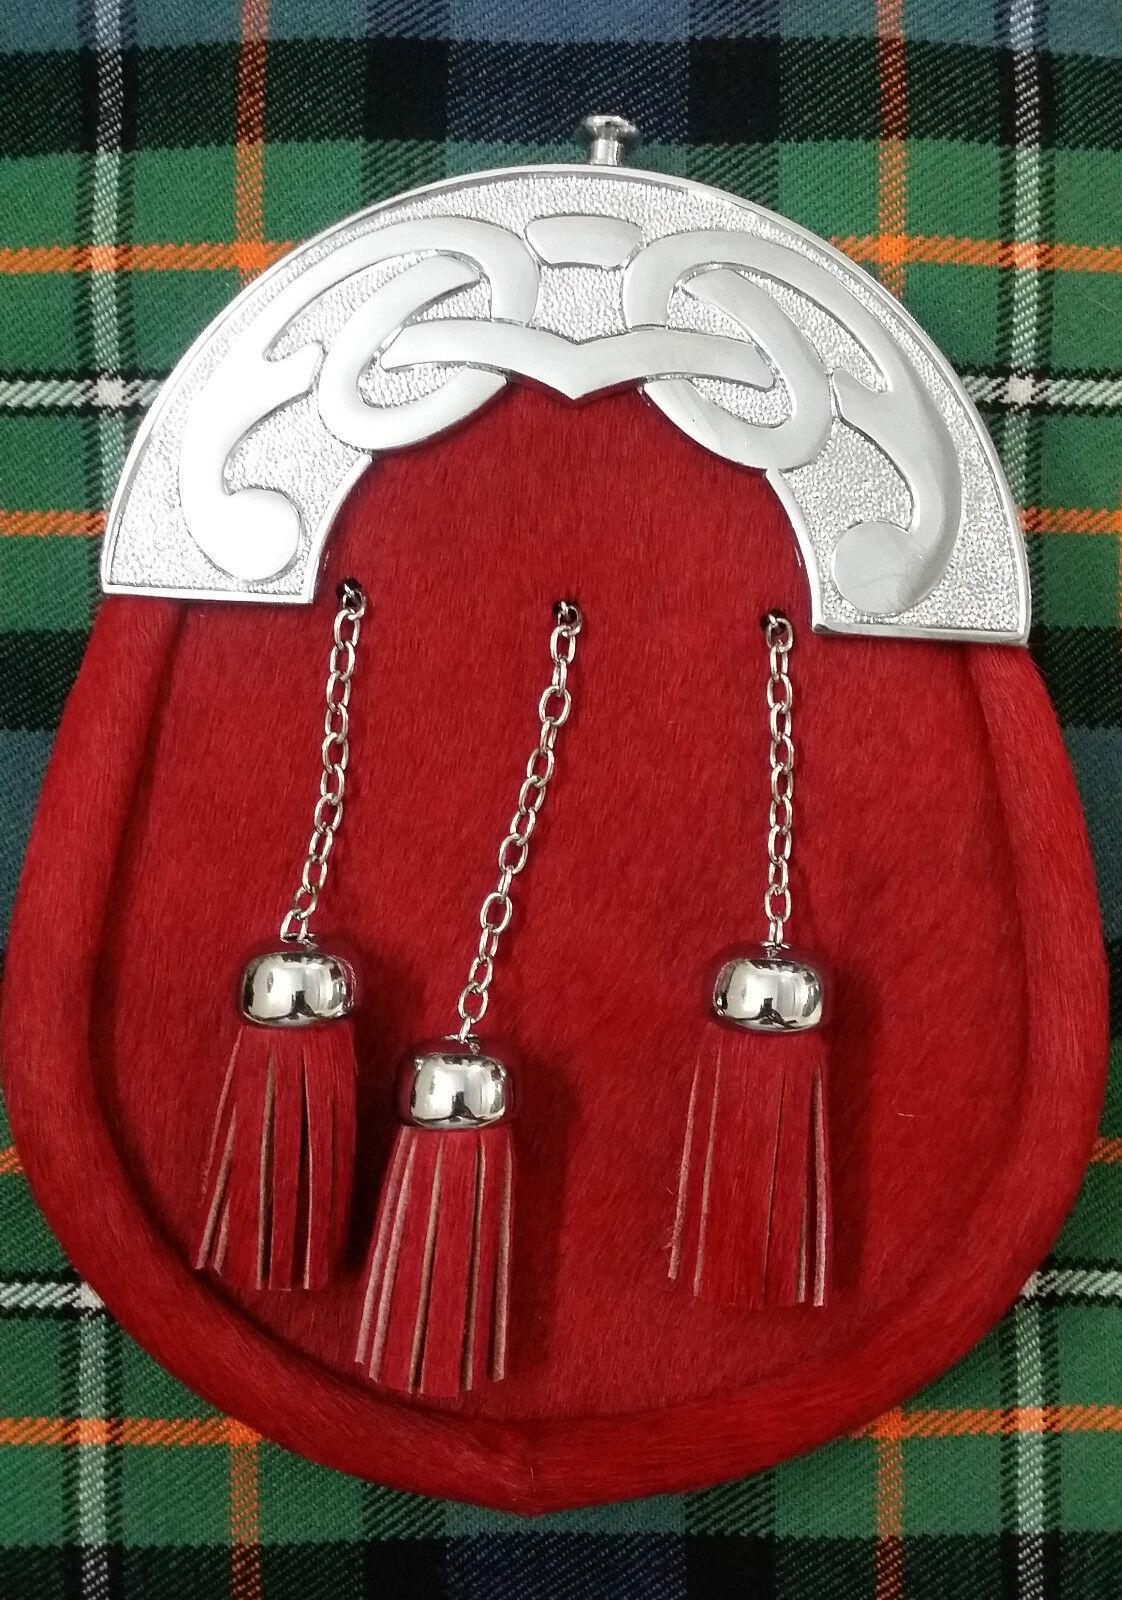 Men's Full Dress Kilt Sporran Red Bovine Celtic Cantle Chrome/Leather Sporrans